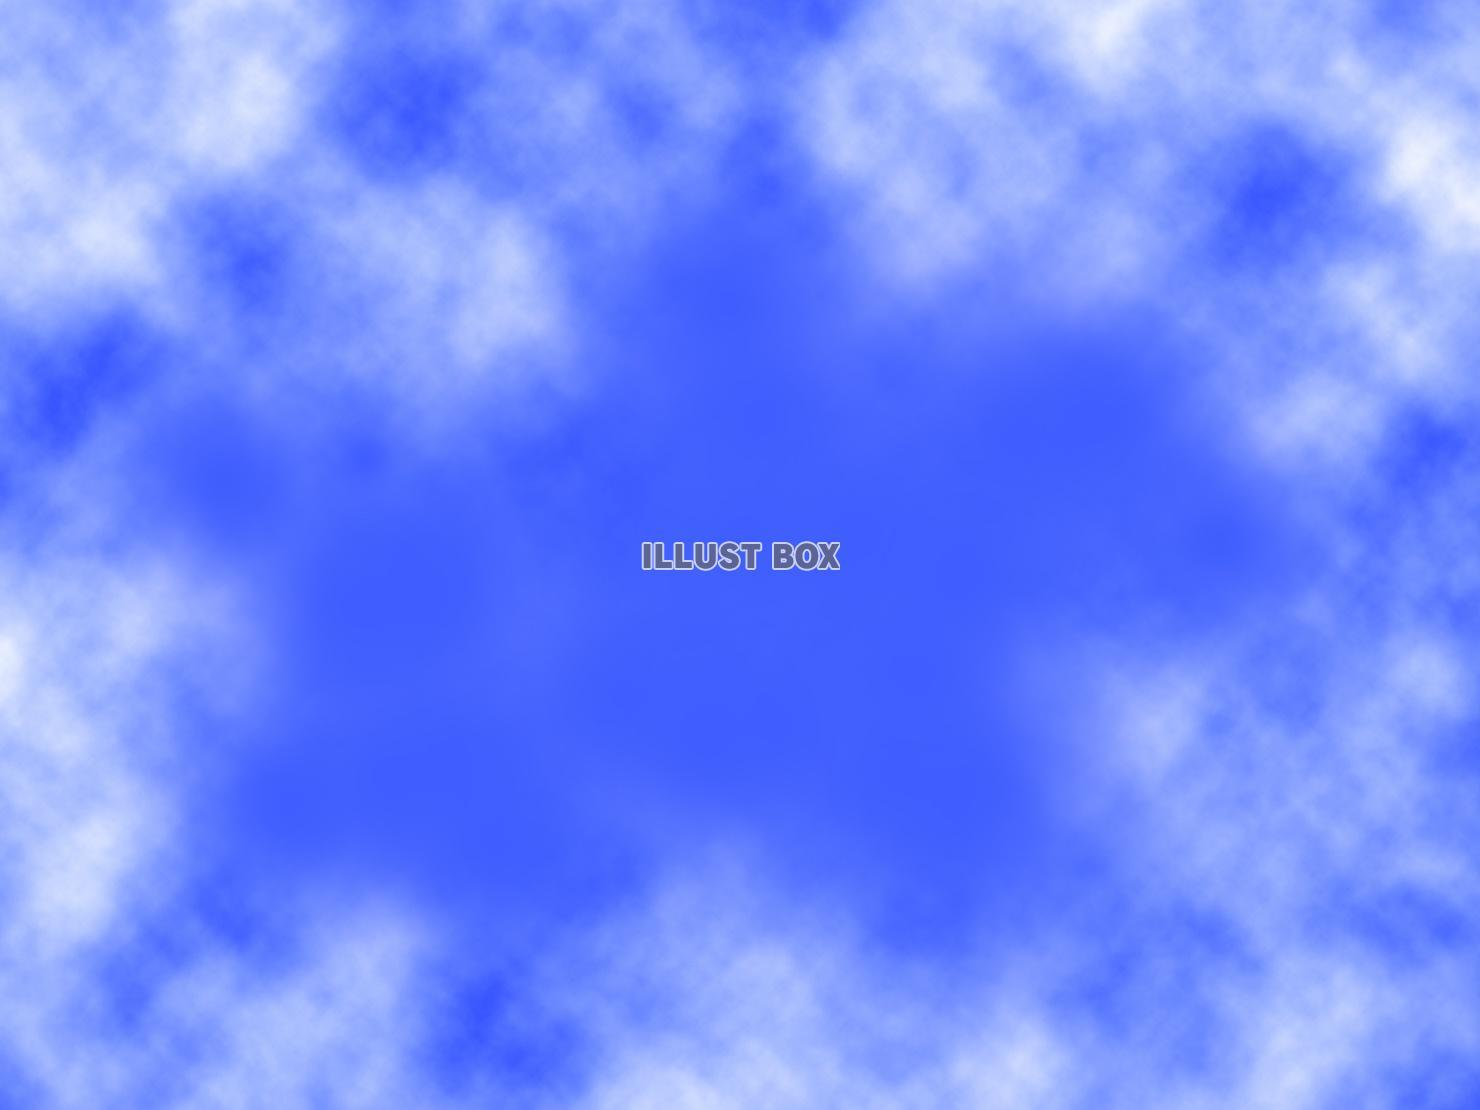 無料イラスト 空と雲の壁紙 青色の背景素材イラスト